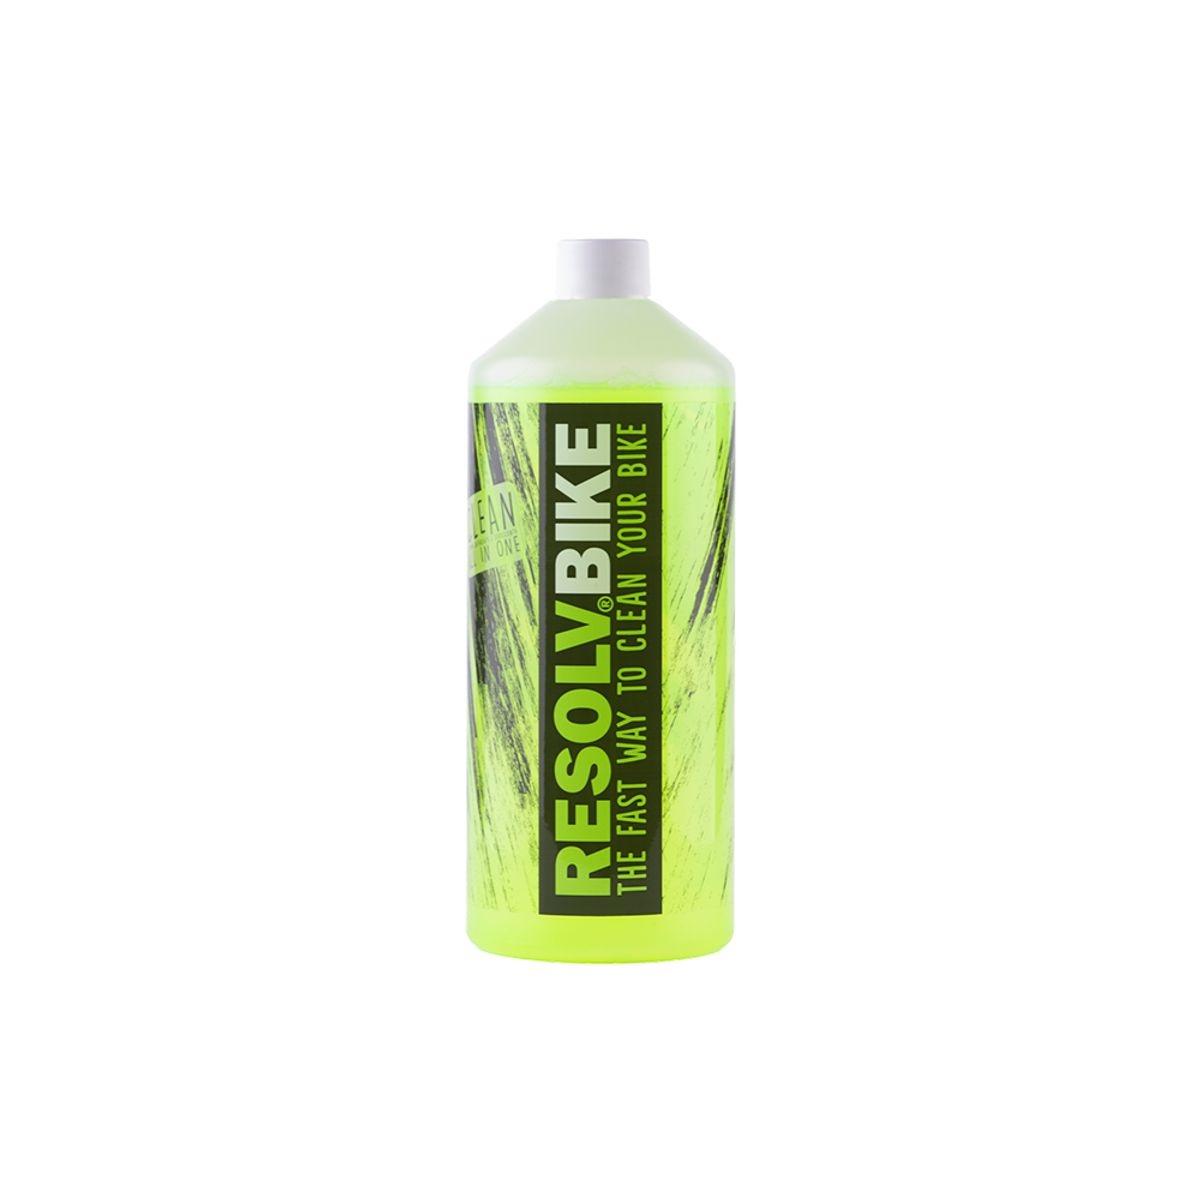 Detergente Ricarica Clean 1L